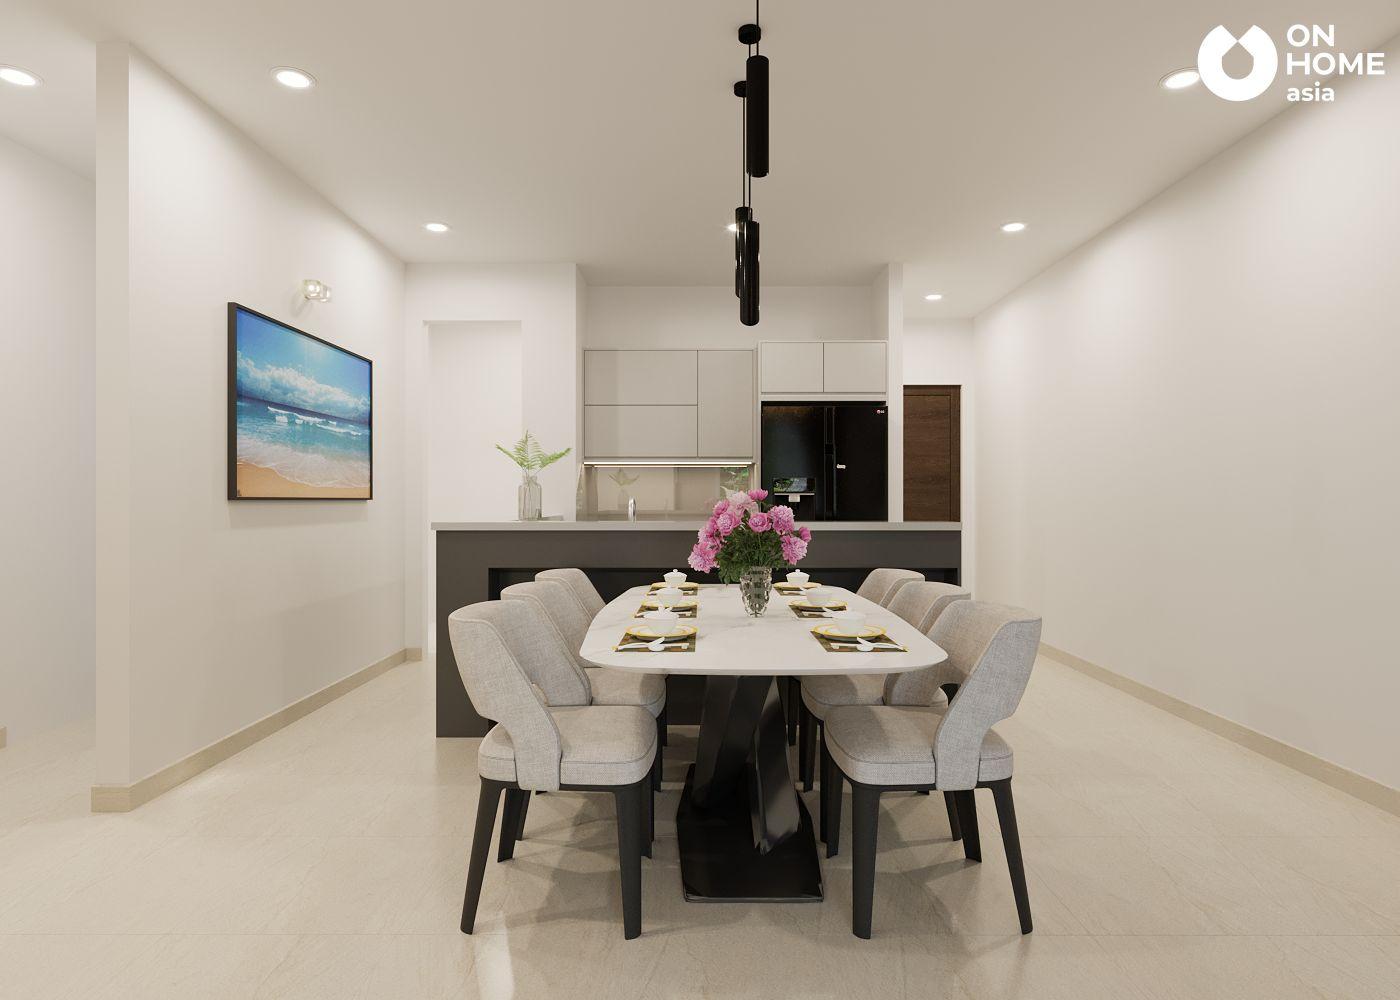 bàn ăn căn hộ Habitat